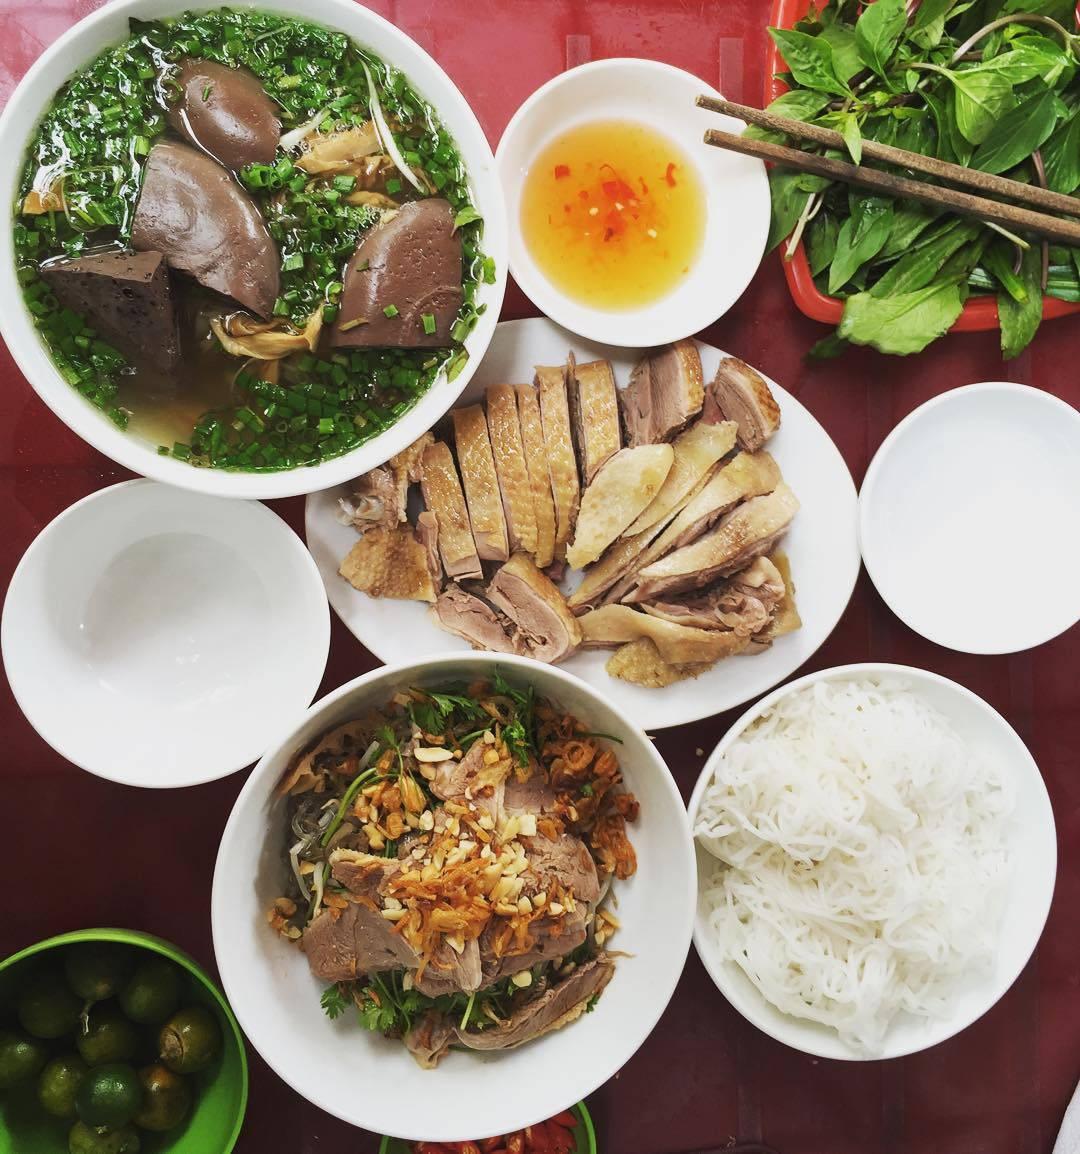 thit-ngan-nau-mang-4-1